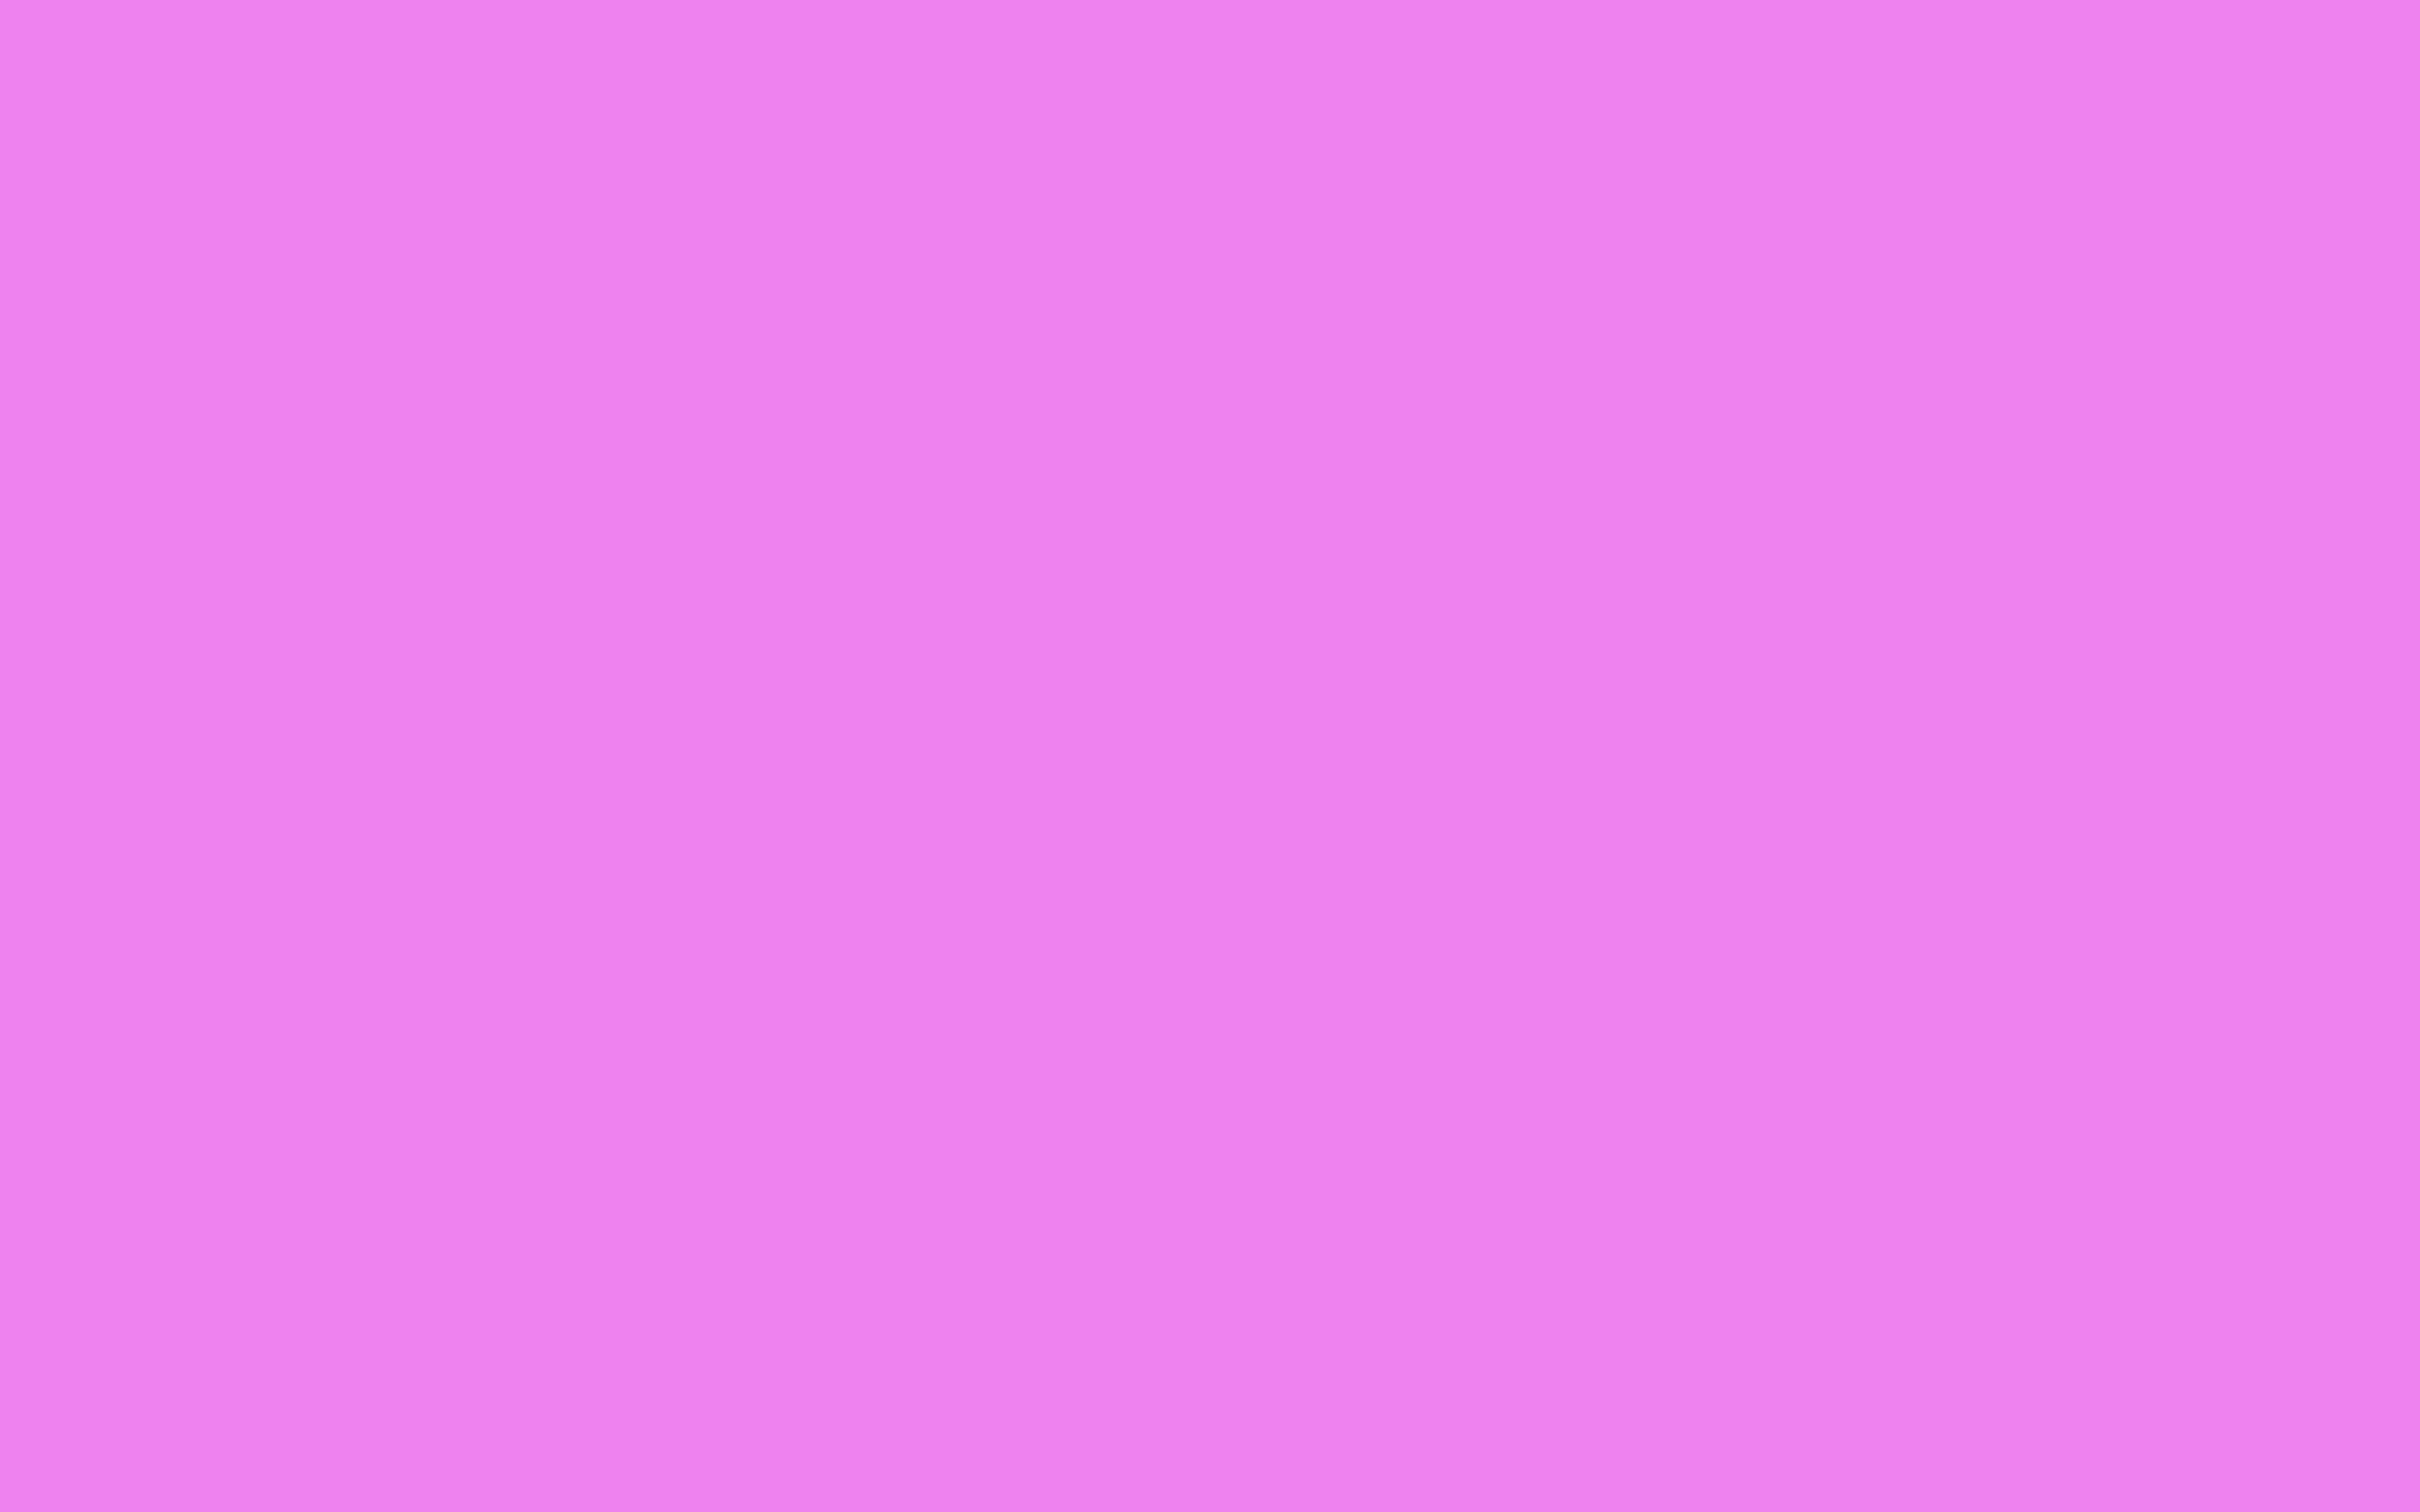 2560x1600 Violet Web Solid Color Background